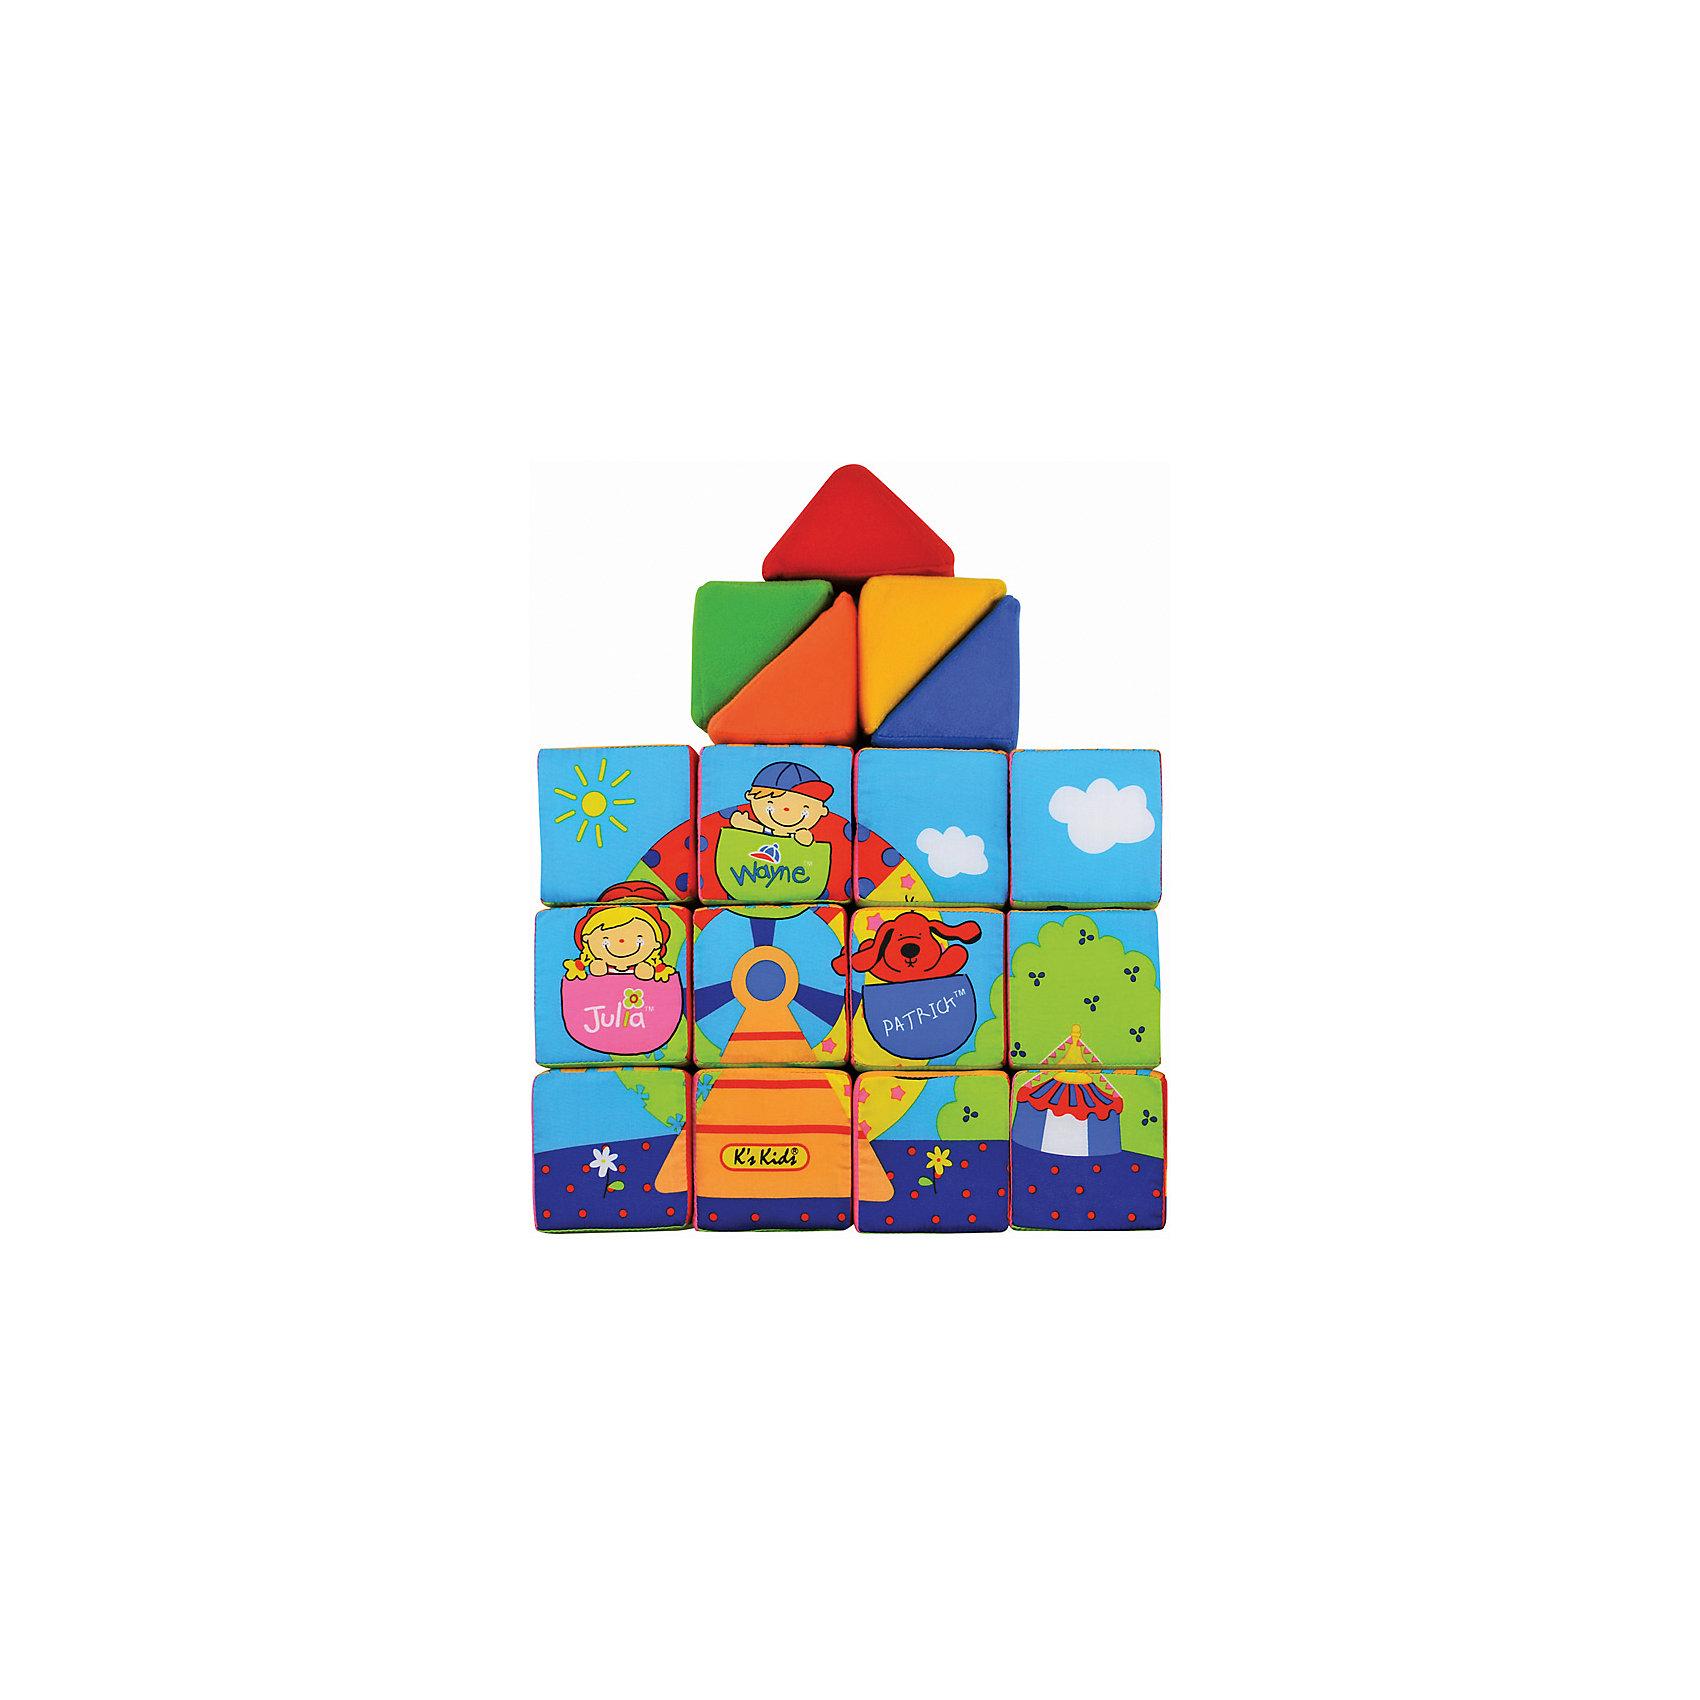 Ks Kids Кубики мягкие Учись, играяKs Kids Кубики мягкие Учись, играя – обязательно понравится вашему малышу!<br> <br>Набор состоит из 12-ти мягких кубиков и 5-ти мягких треугольников. Из них можно собрать, например, зоопарк, гараж и даже домик, где будут жить цифры.<br> <br>Игрушка помогает развить моторику рук, логическое мышление, фантазию и воображение.<br><br>Дополнительная информация:<br><br>- материал: хлопок, набивка синтетическое волокно<br>- размеры:<br>- размер игрушки: кубик 8х8х8 см.<br>- размер пирамидки: 10 см х 8 см х 5,5 см.<br><br>Ks Kids Кубики мягкие Учись, играя – можно купить в нашем интернет - магазине.<br><br>Ширина мм: 290<br>Глубина мм: 240<br>Высота мм: 210<br>Вес г: 580<br>Возраст от месяцев: 9<br>Возраст до месяцев: 36<br>Пол: Унисекс<br>Возраст: Детский<br>SKU: 2148733